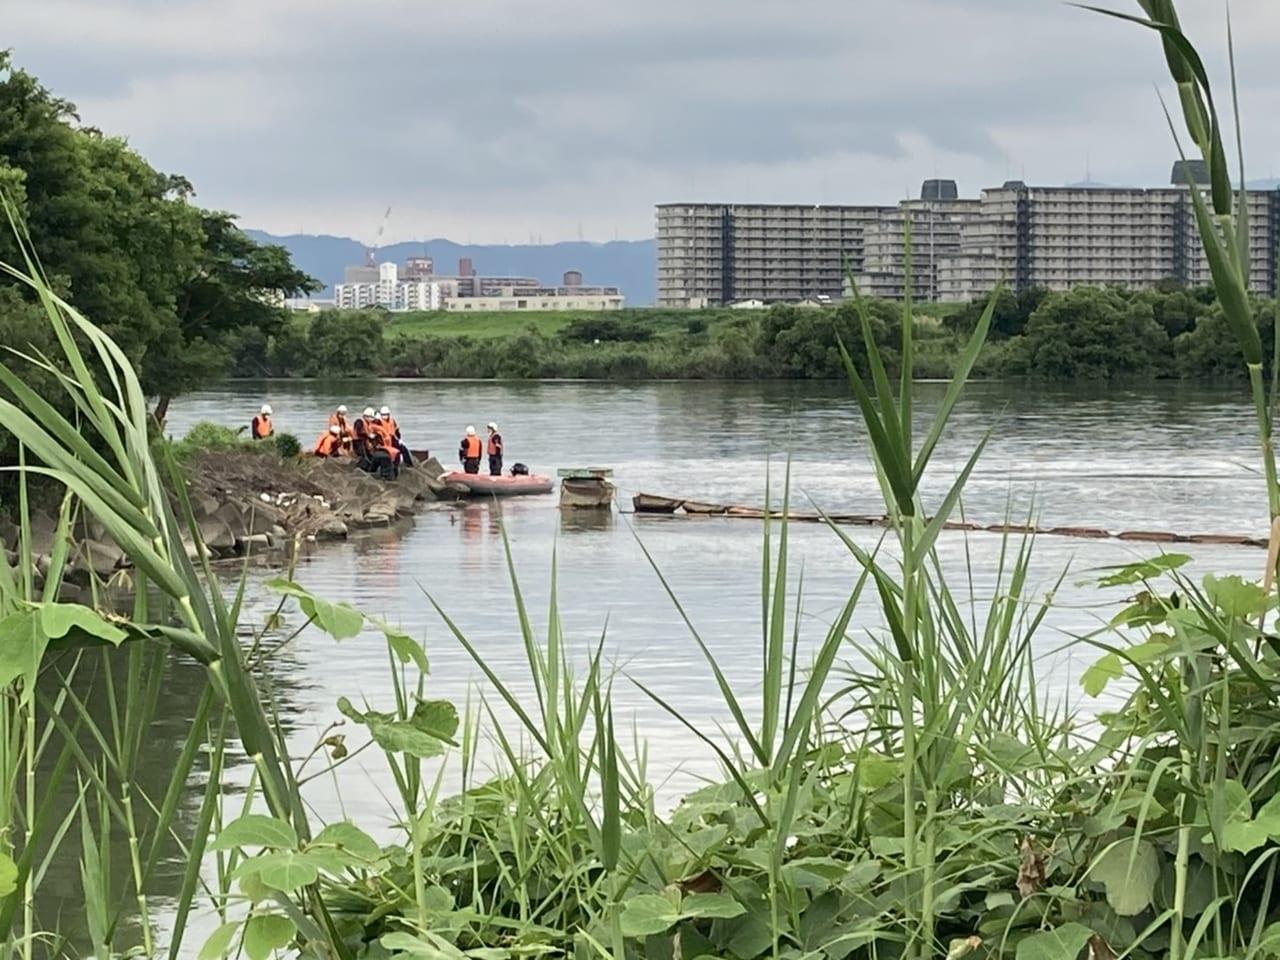 市 事故 摂津 乗用車が親子はね、2歳女児死亡 大阪・摂津